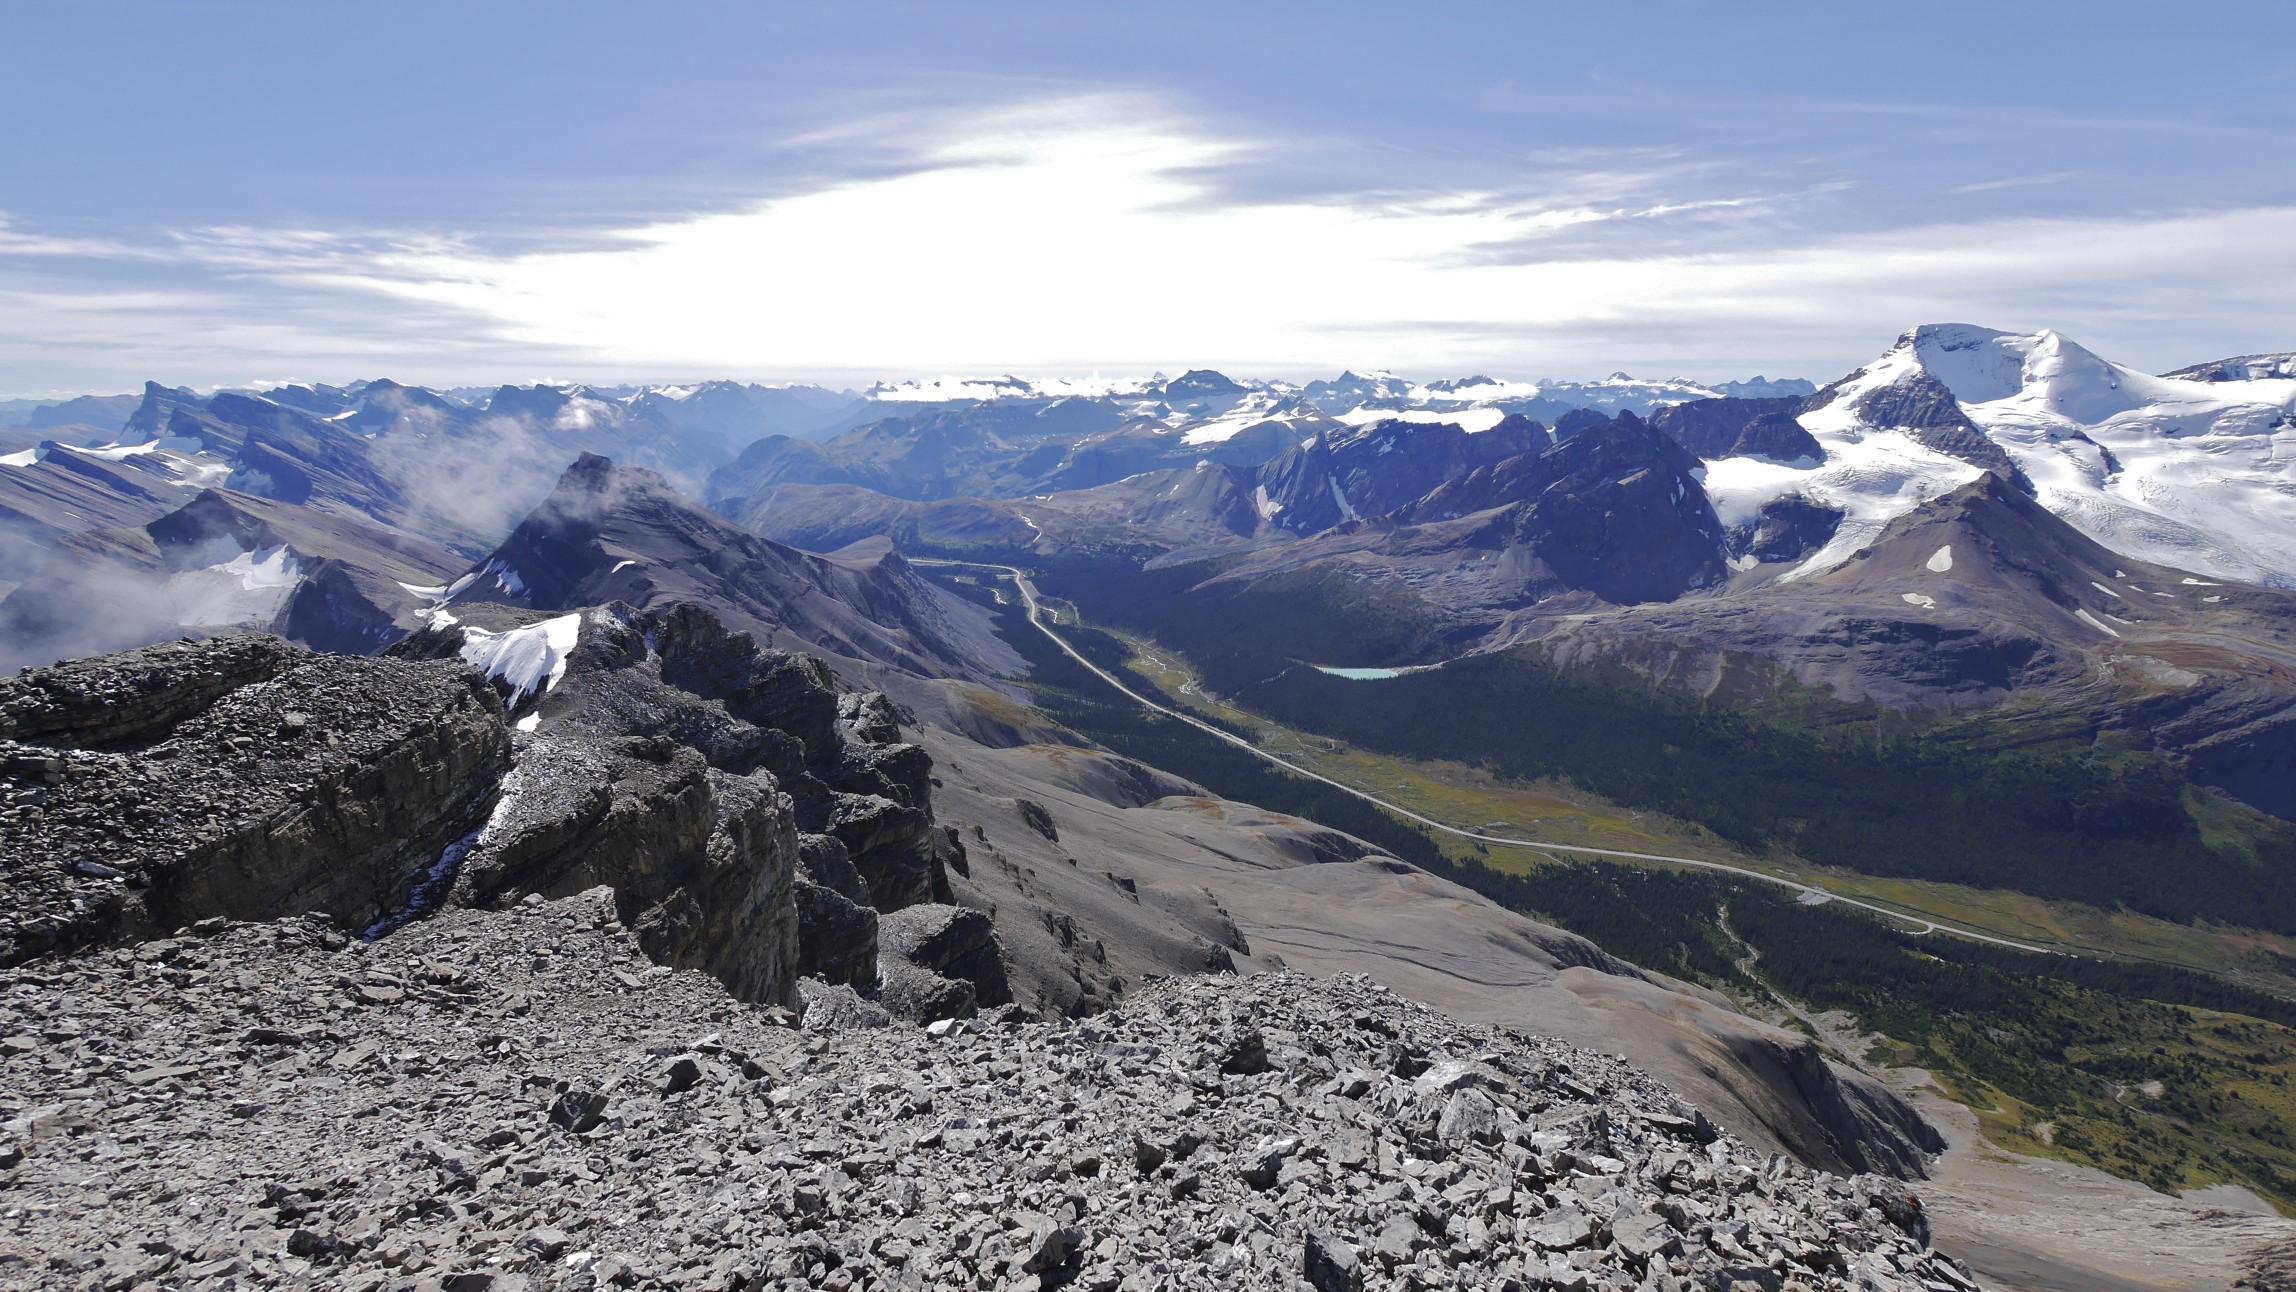 The Icefield Parkway from Nigel Peak